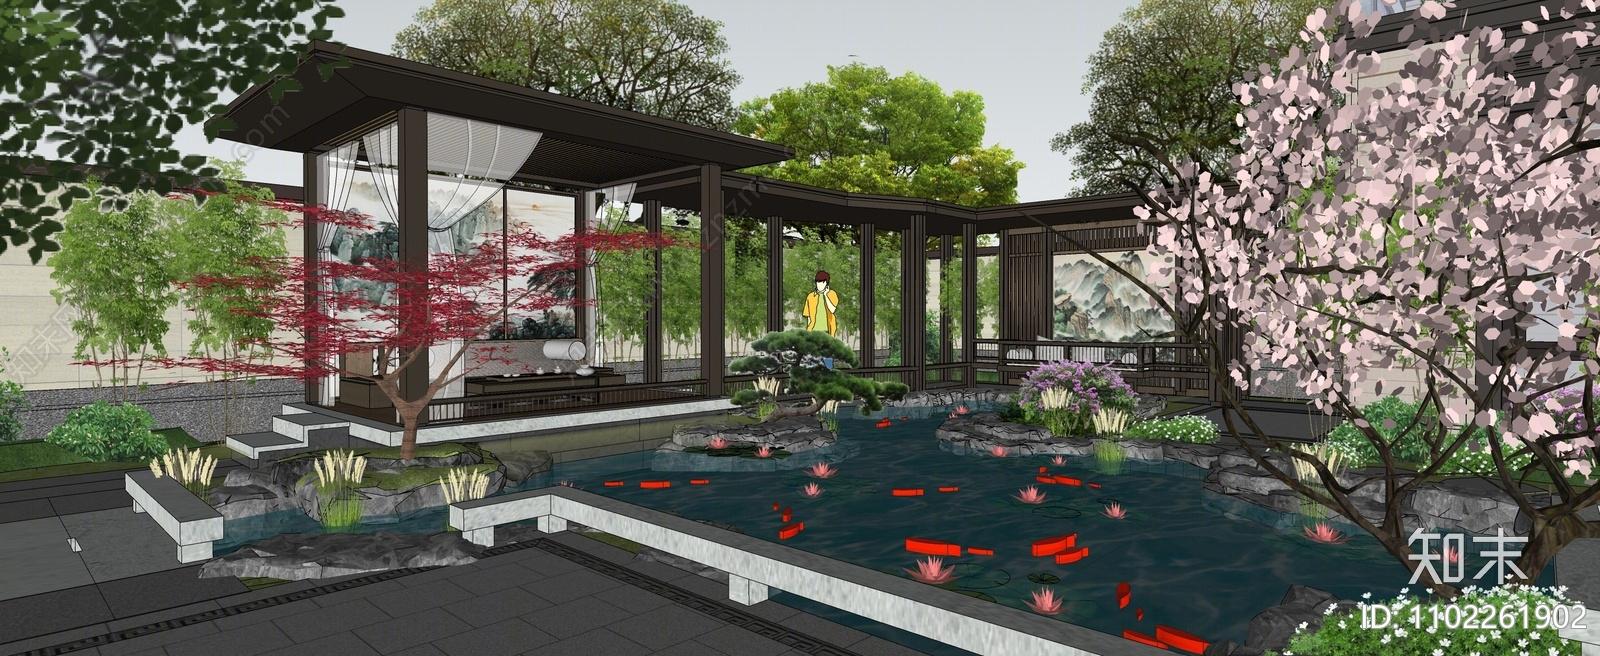 新中式庭院花园SU模型下载【ID:1102261902】